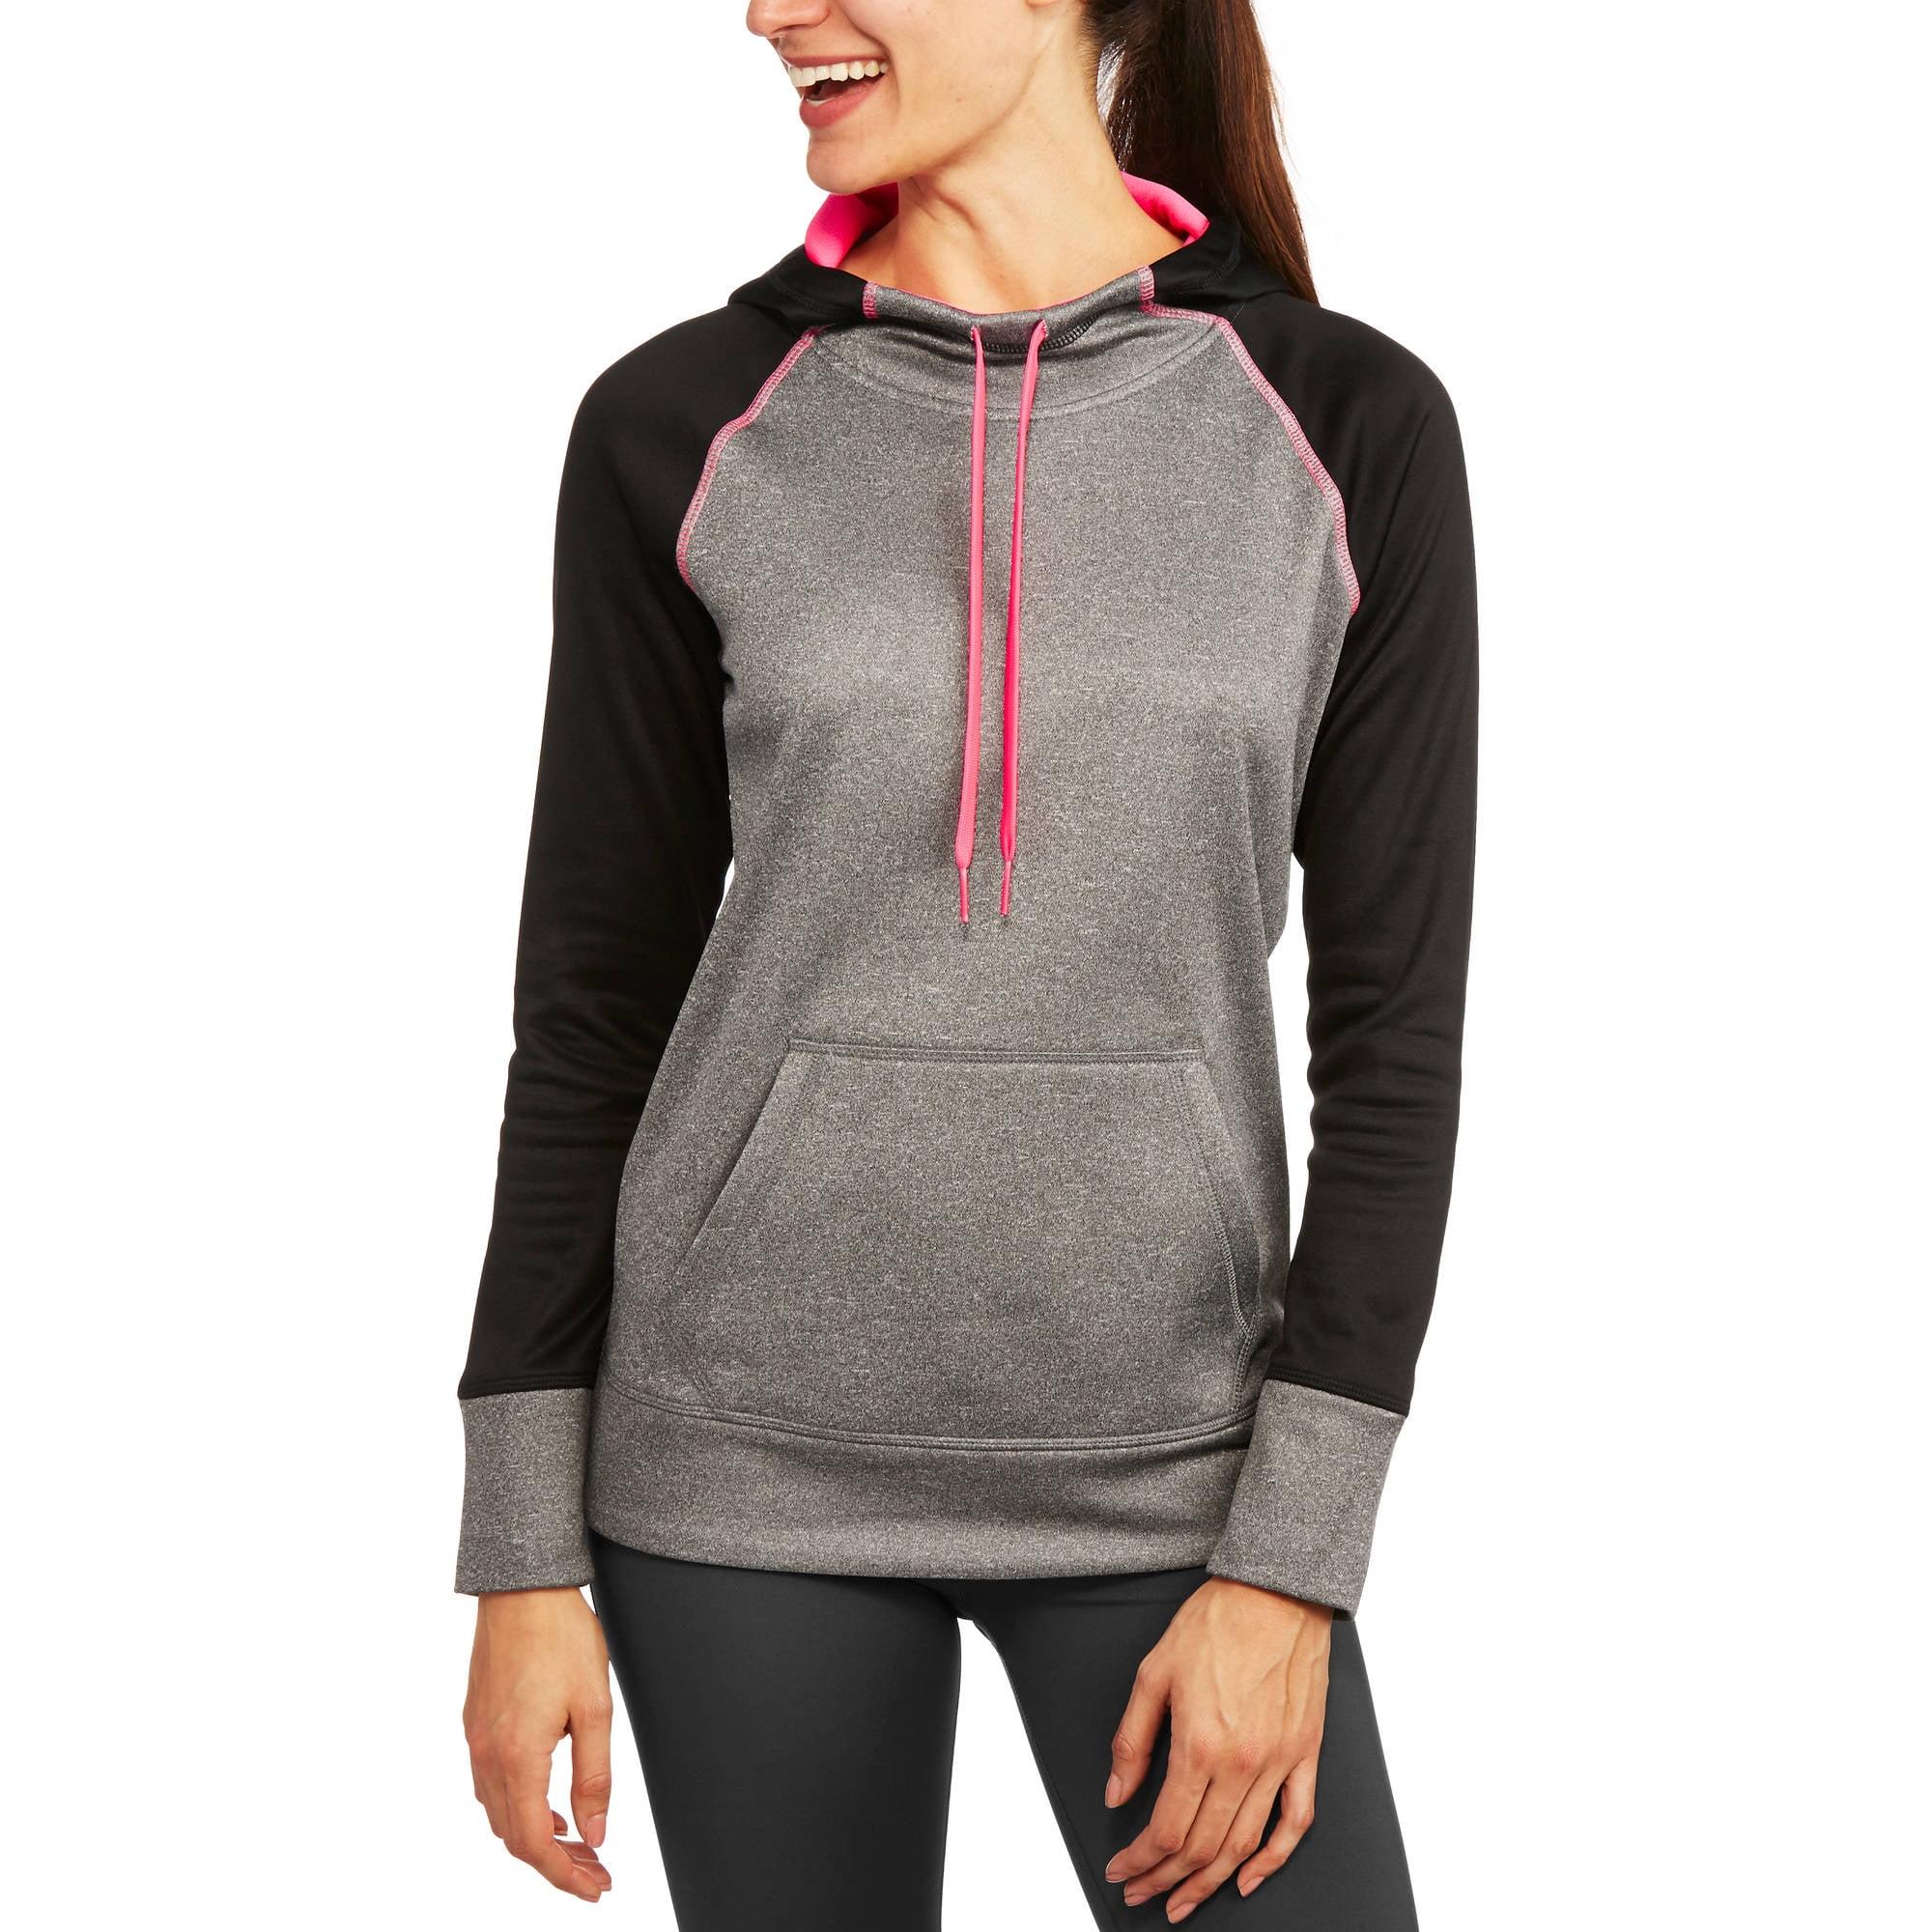 Danskin Now Women's Active Raglan Heather Tech Fleece Hoodie